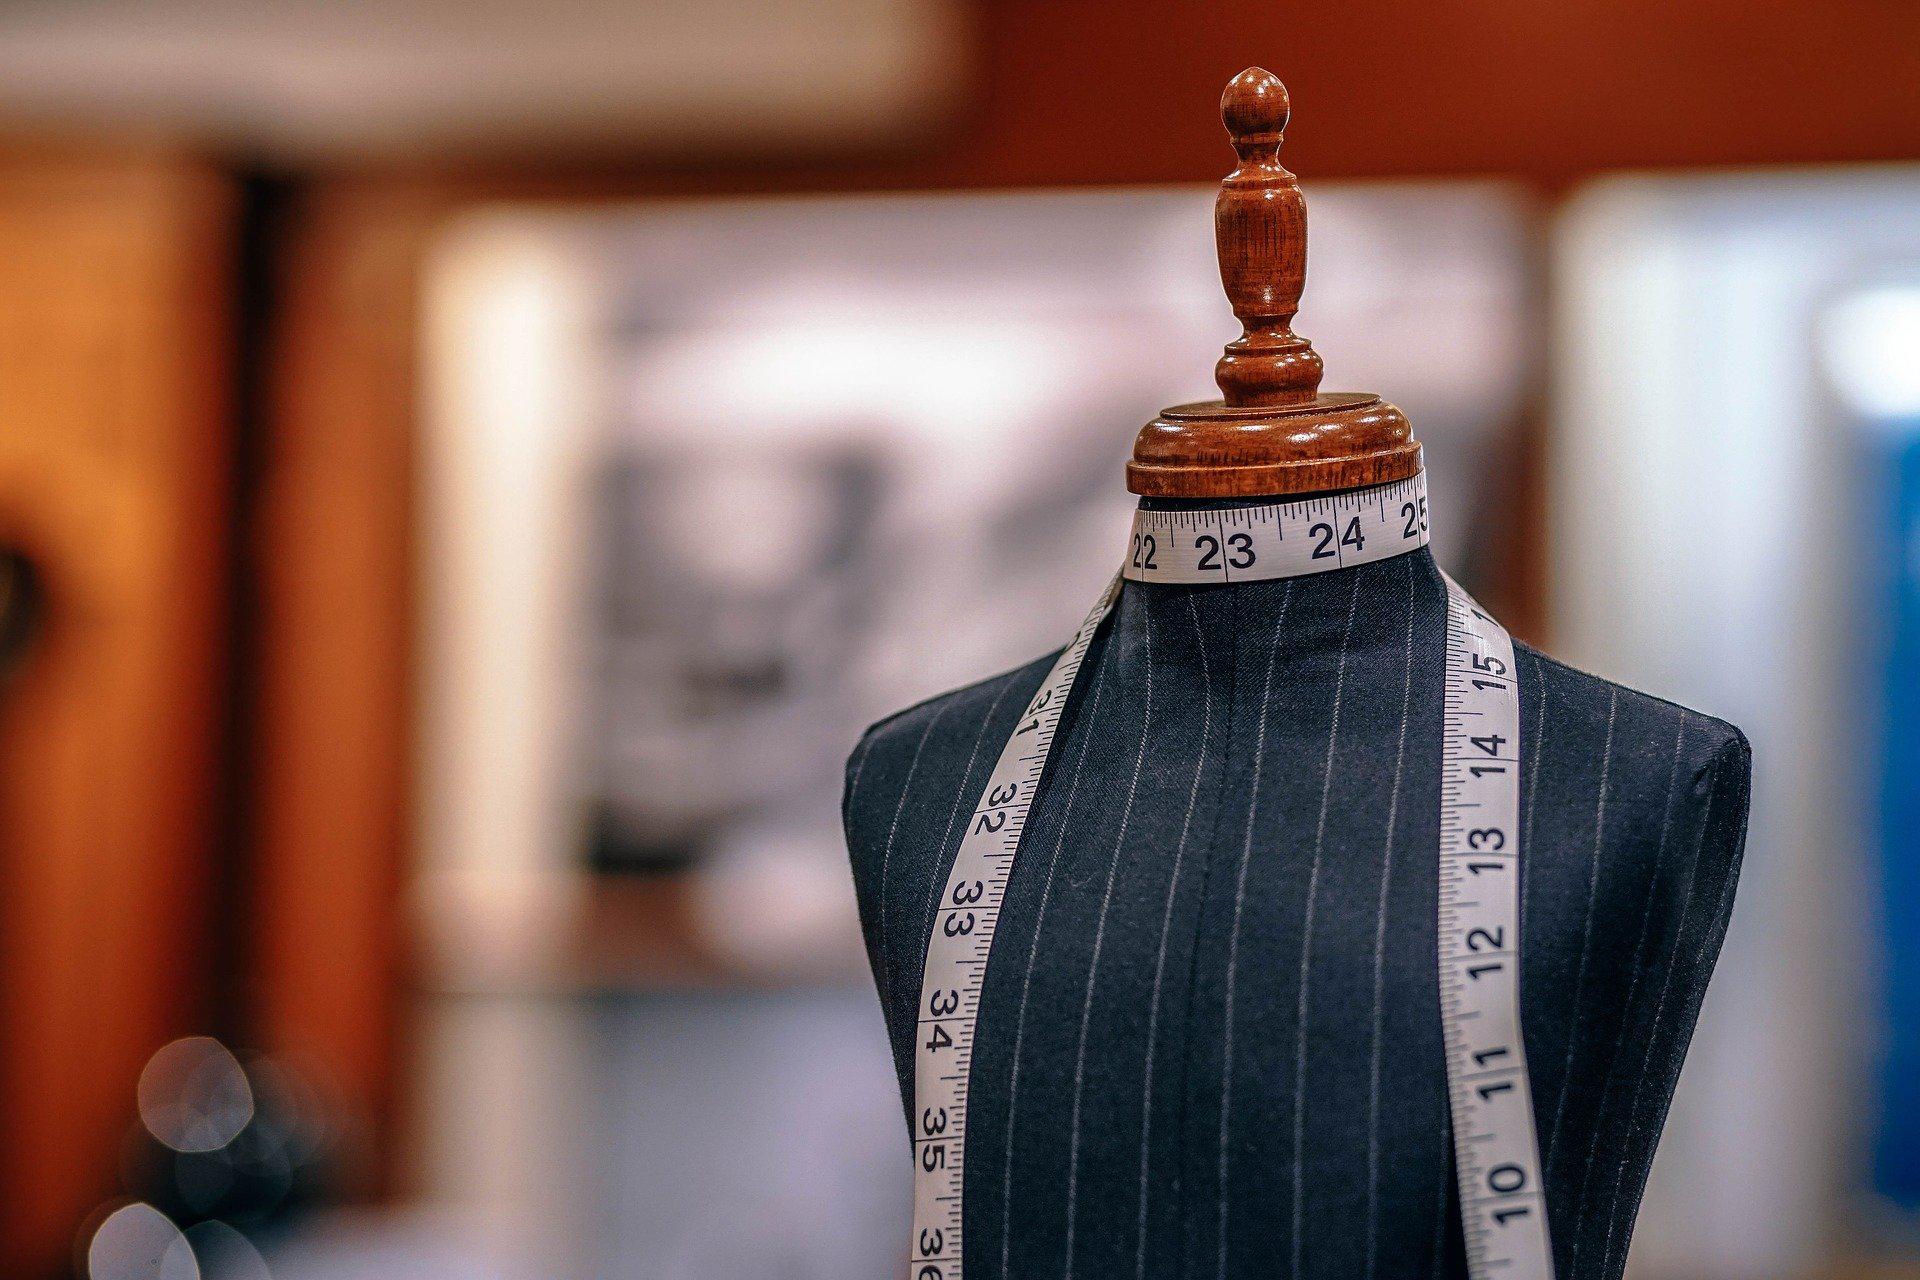 Curso de Patronaje: Patrón Básico de la Blusa y Transformación a la Blusa camisera.